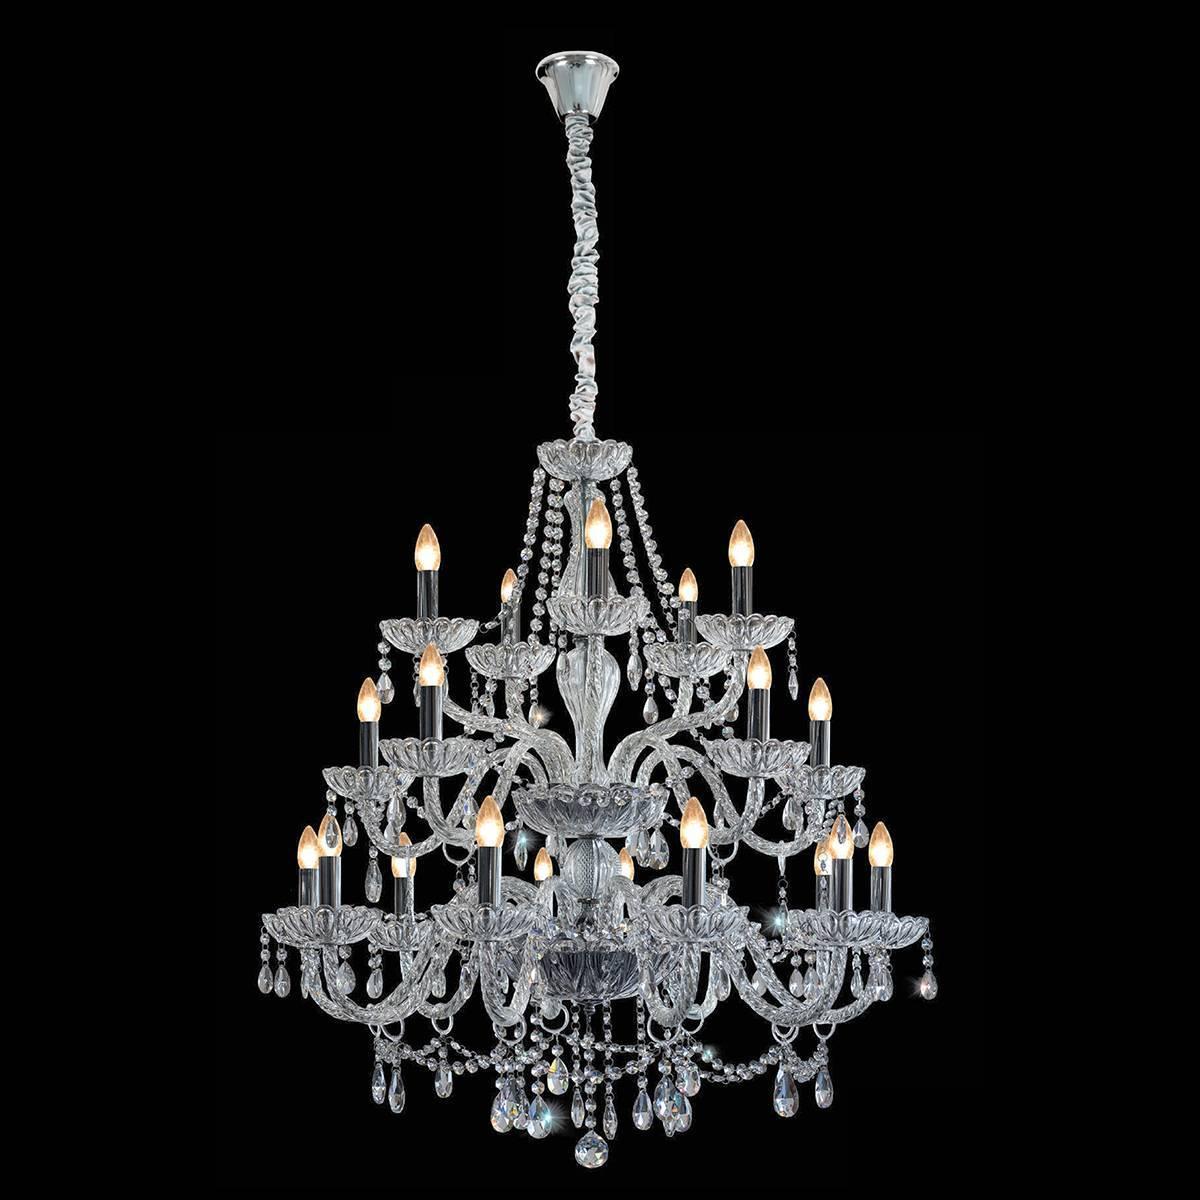 Lustre Clássico 20 Braços Pingentes Cristal K9 Candelabro - LCGELETRO